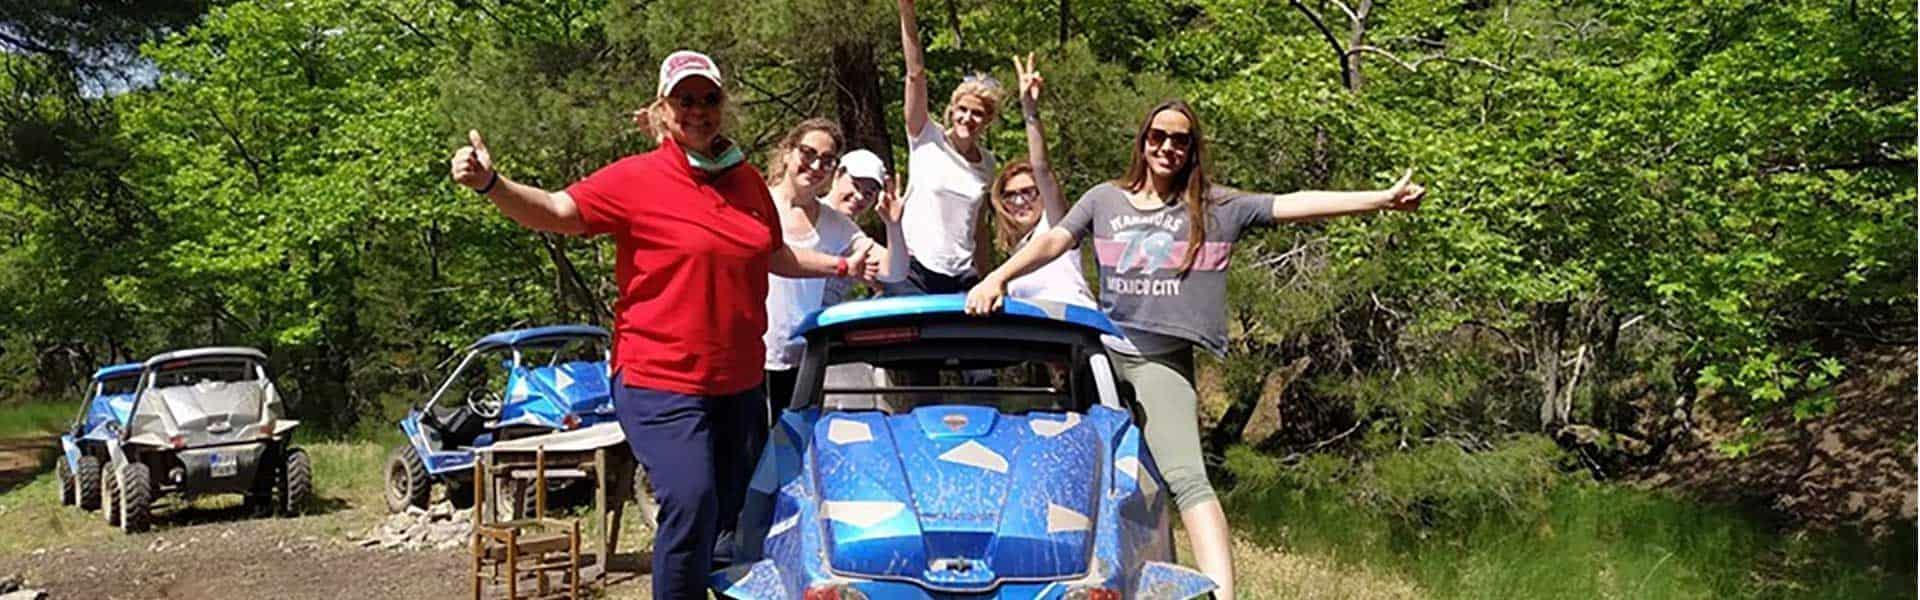 Buggy Tours - Δραστηριότητες στο Λουτράκι